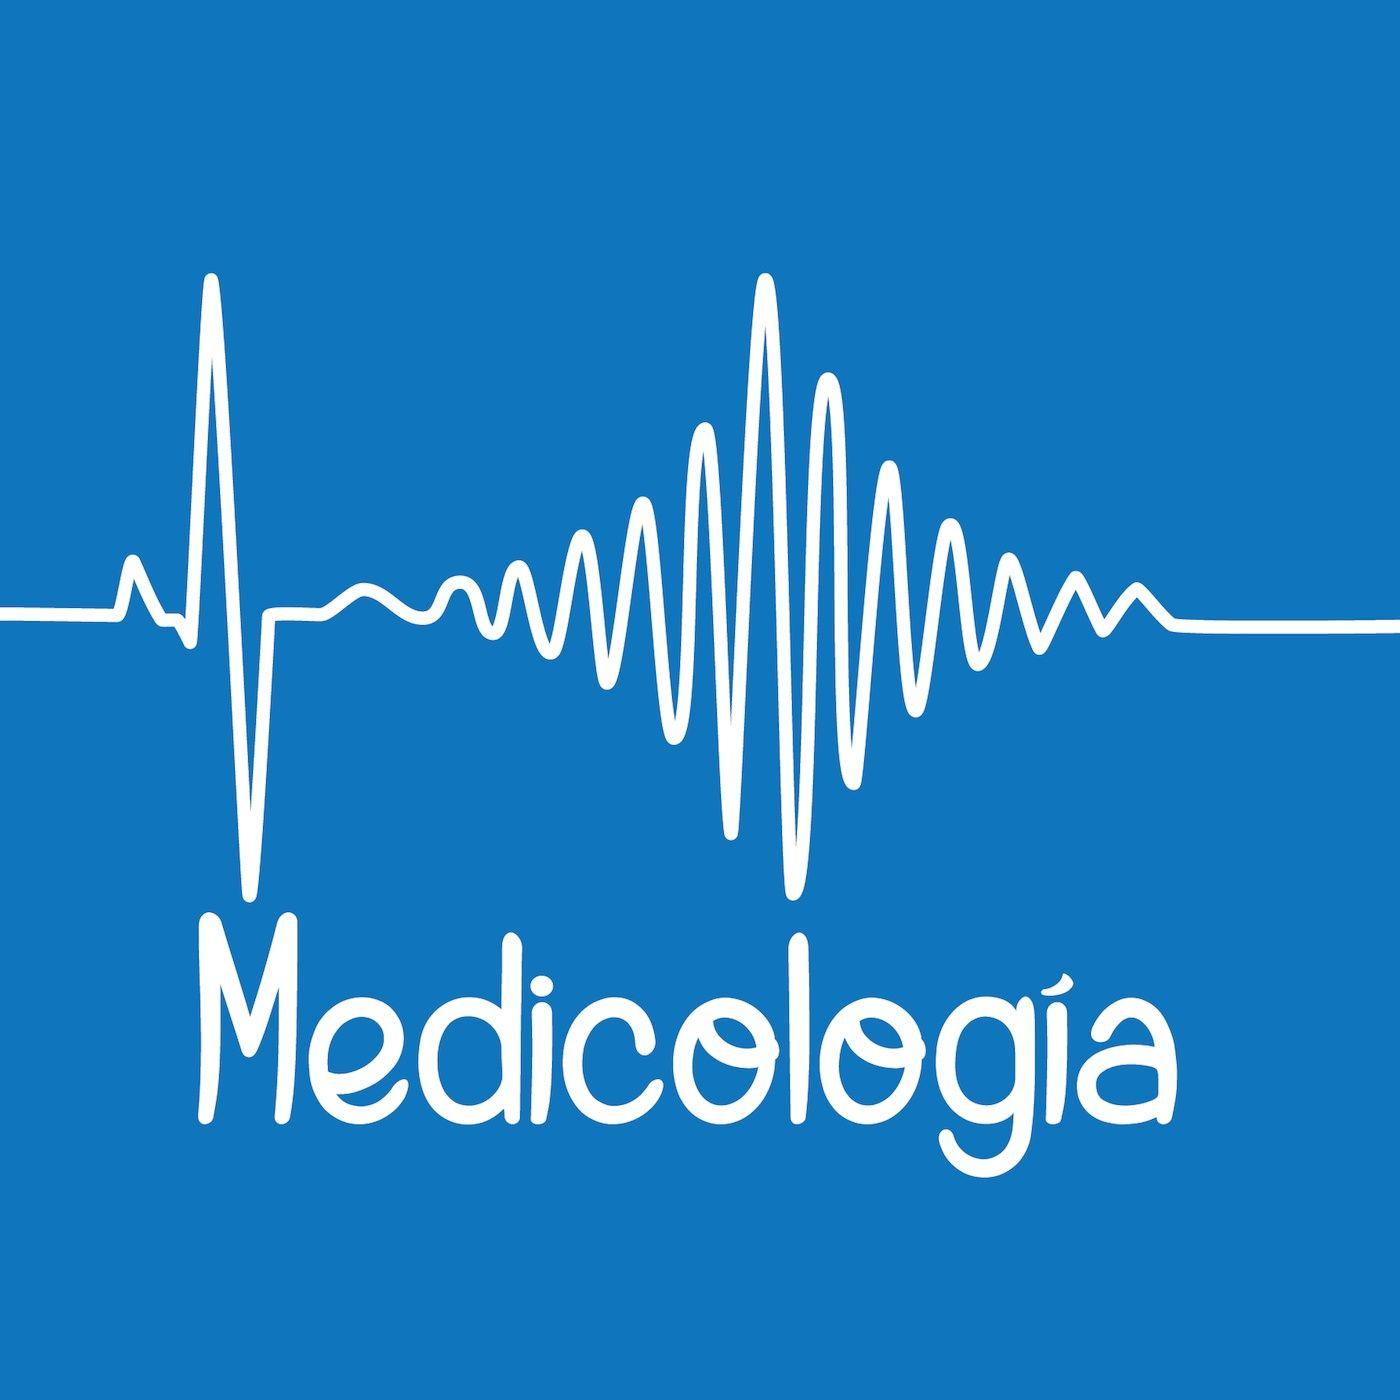 Medicología